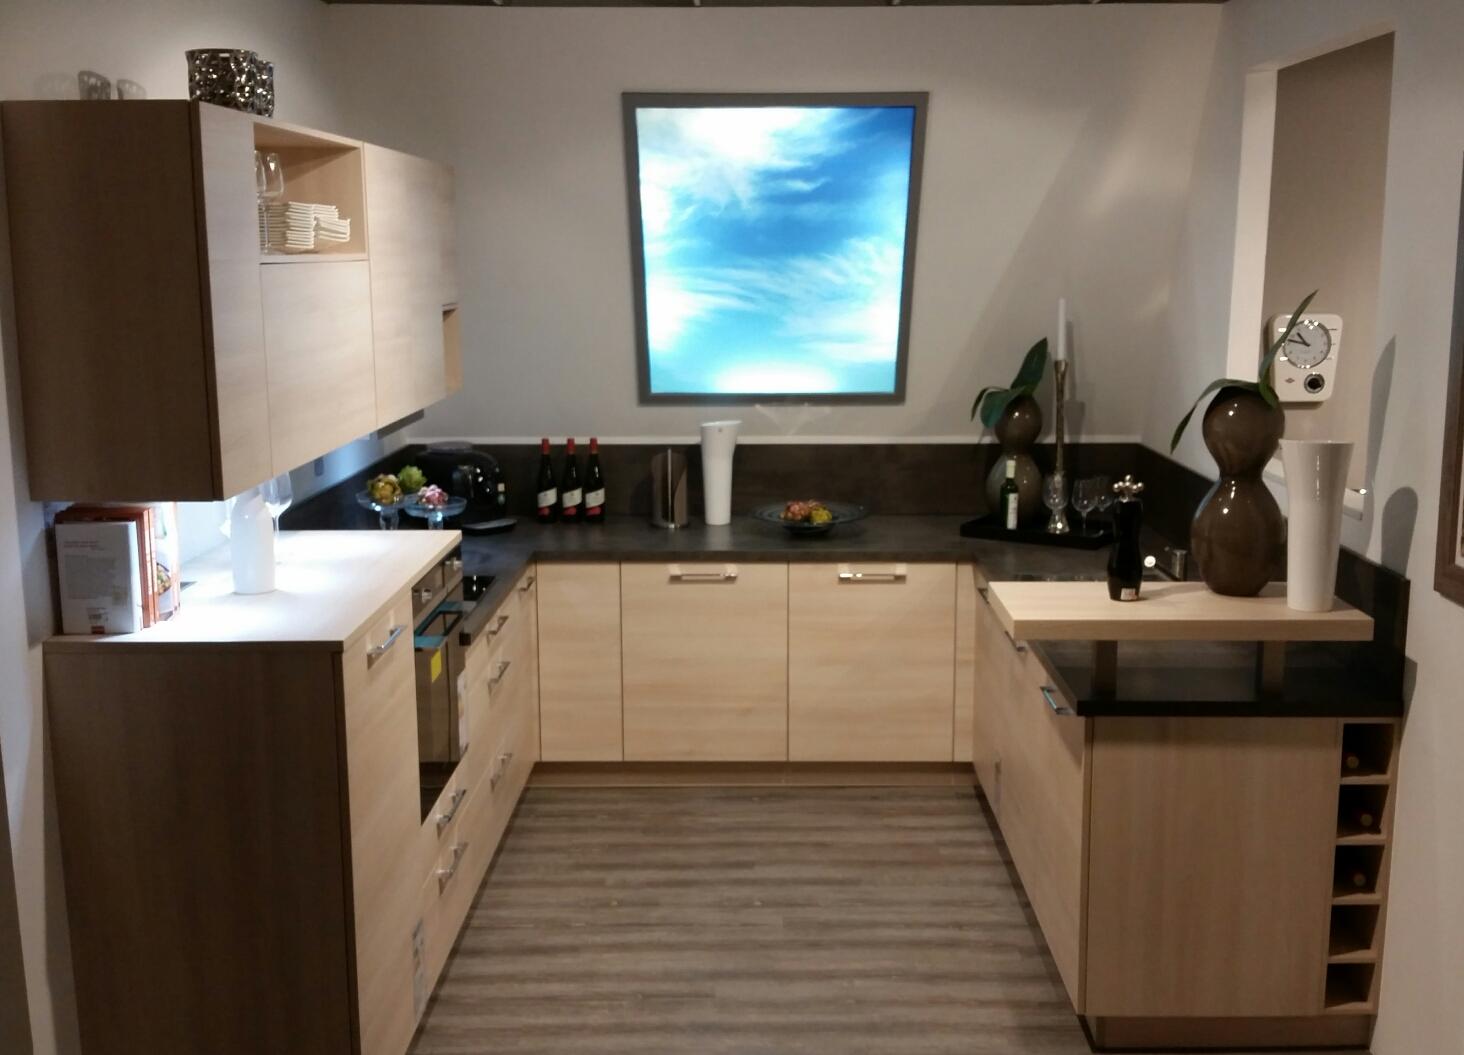 küchen aktuell service center neuss email de haus